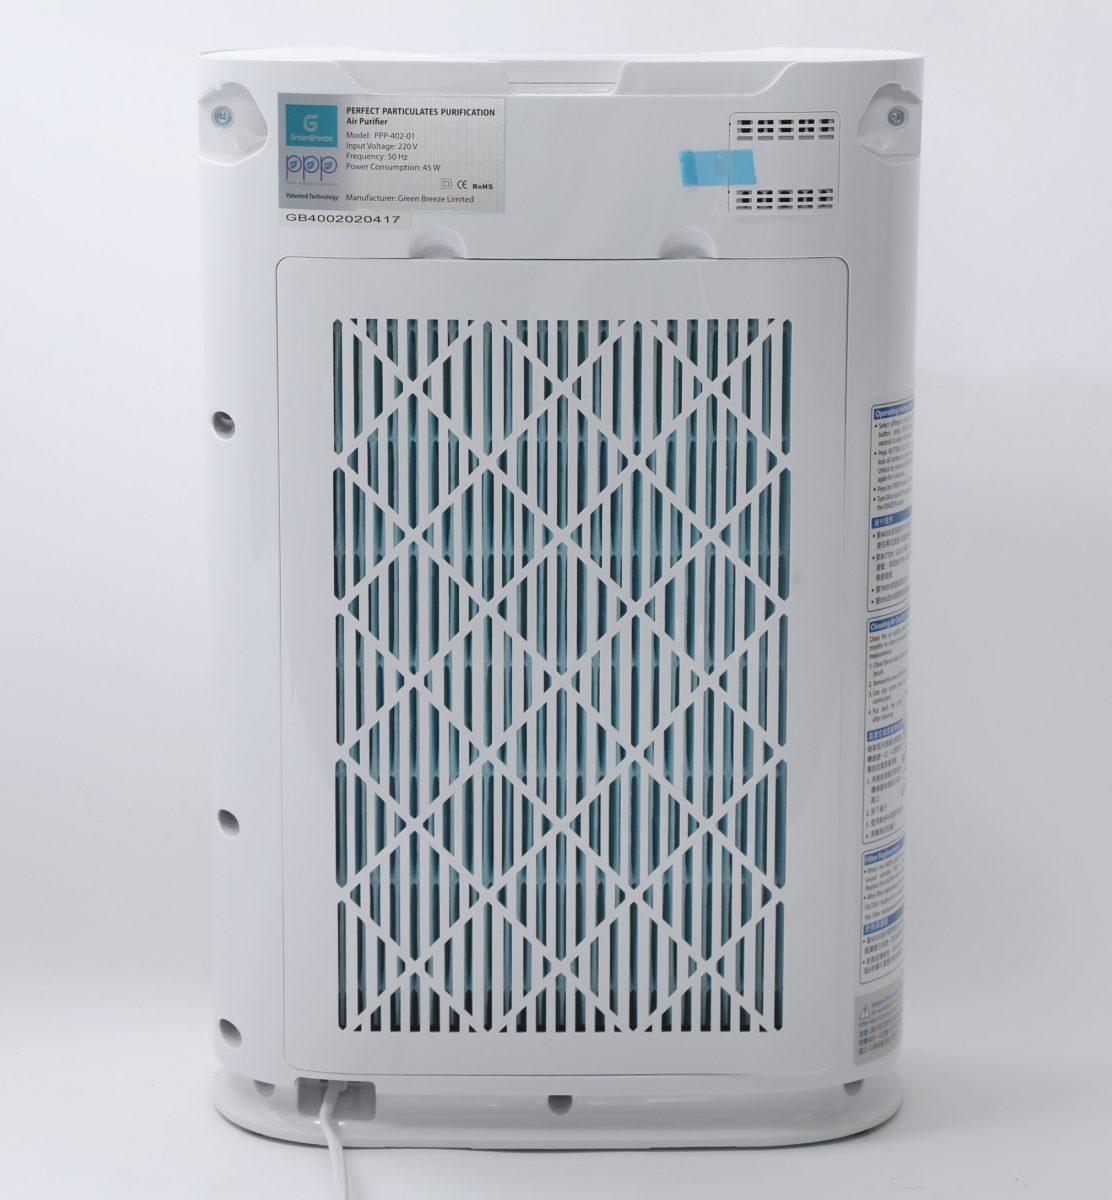 特製入氣口設計,可有效減少風阻,而且整機功耗不過 45W ,是同類產品中屬較低的水平。